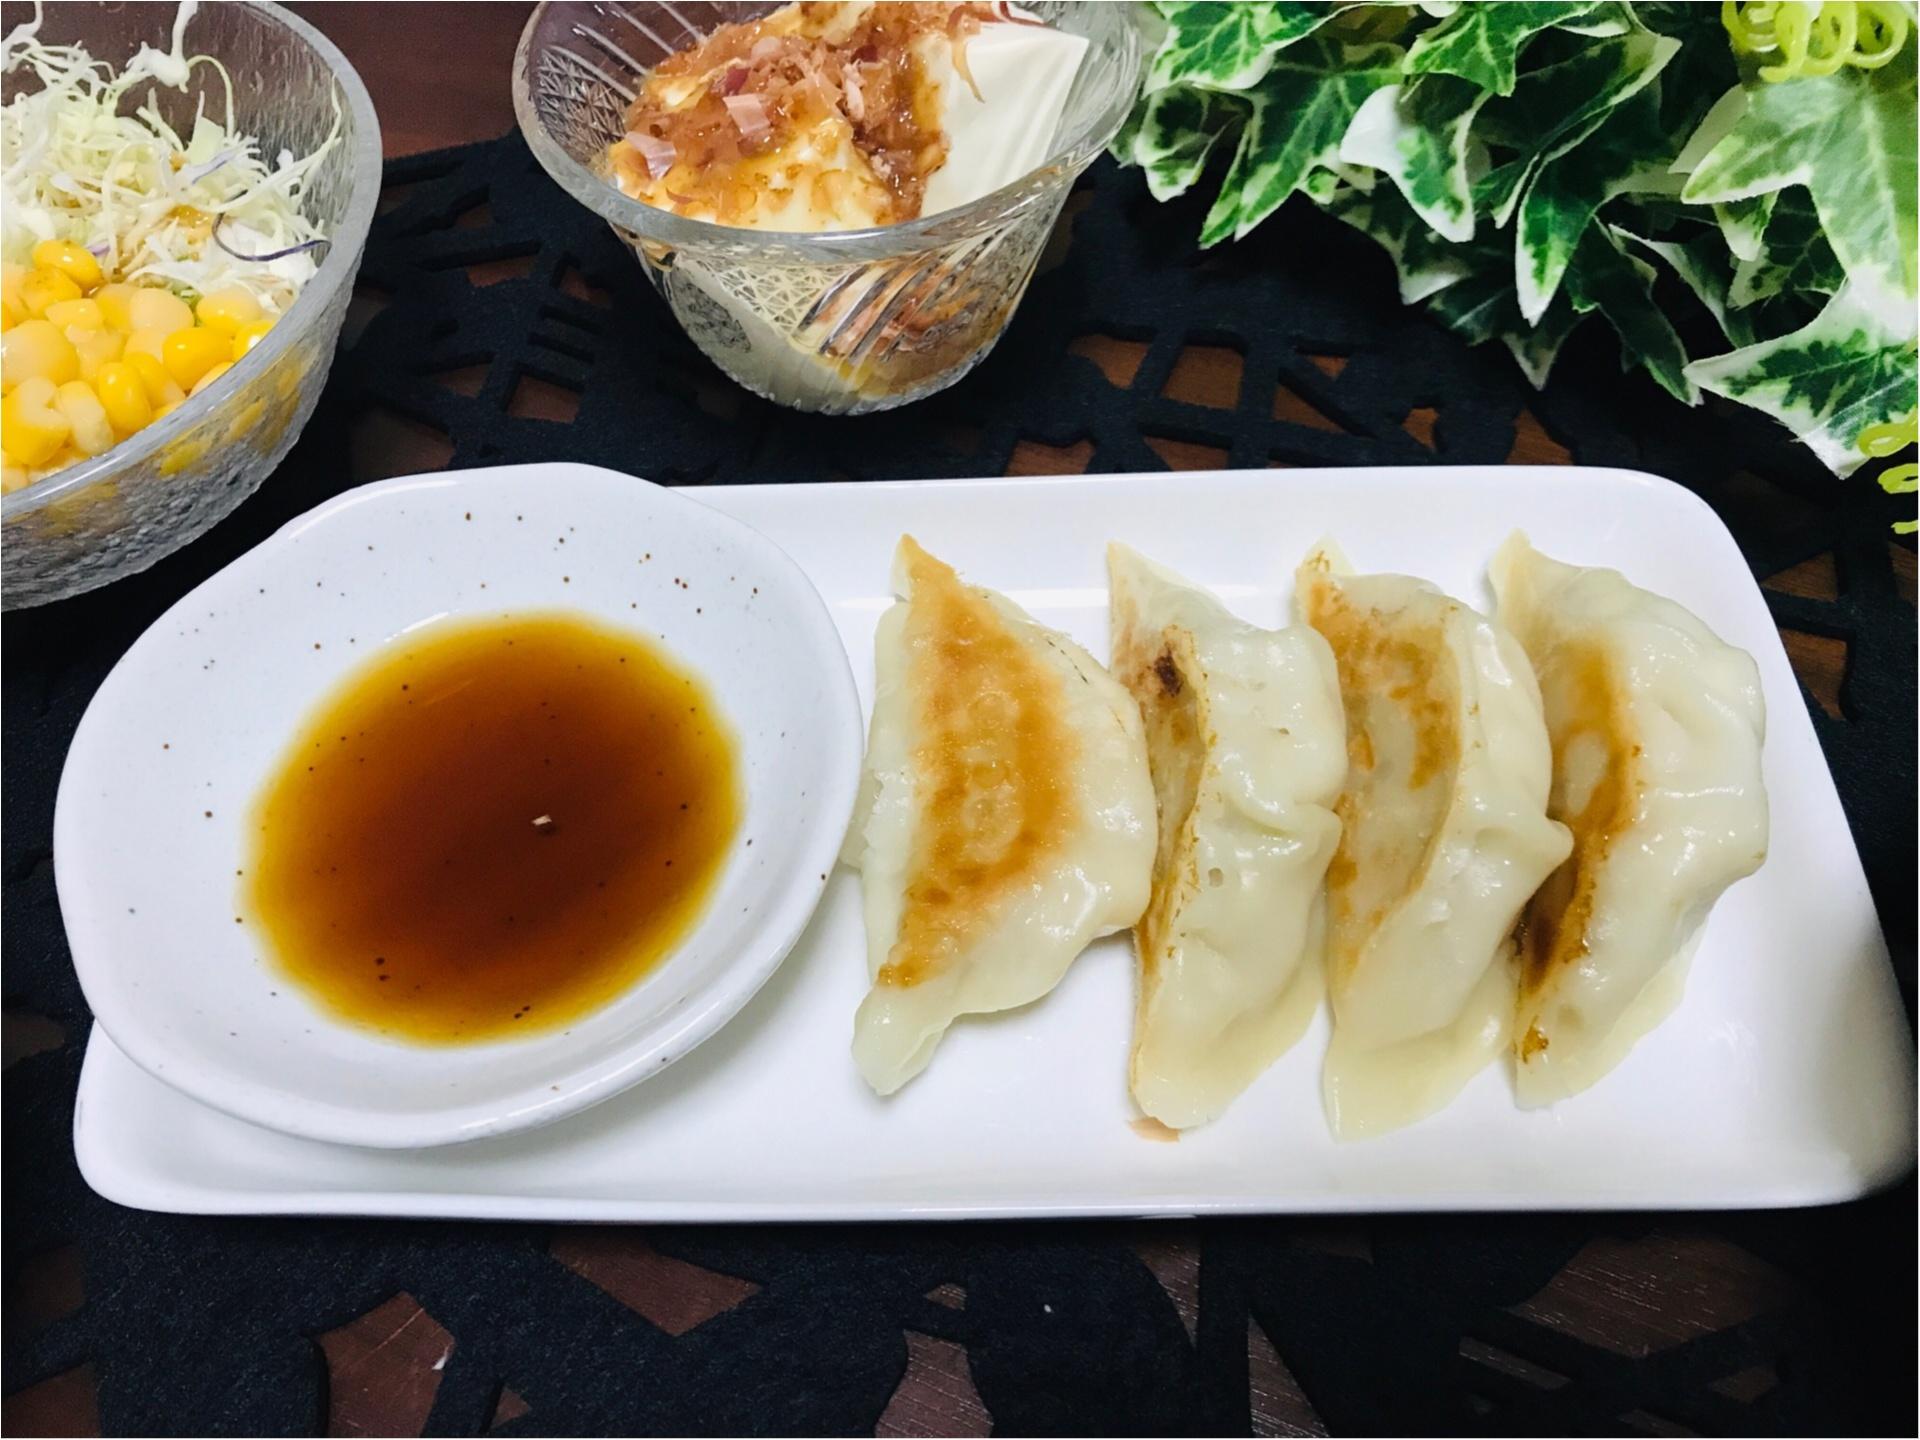 大人気料理ブロガー《みきママ》考案!肉汁がすごい【鶏ナンコツ塩餃子】を試食♡_6